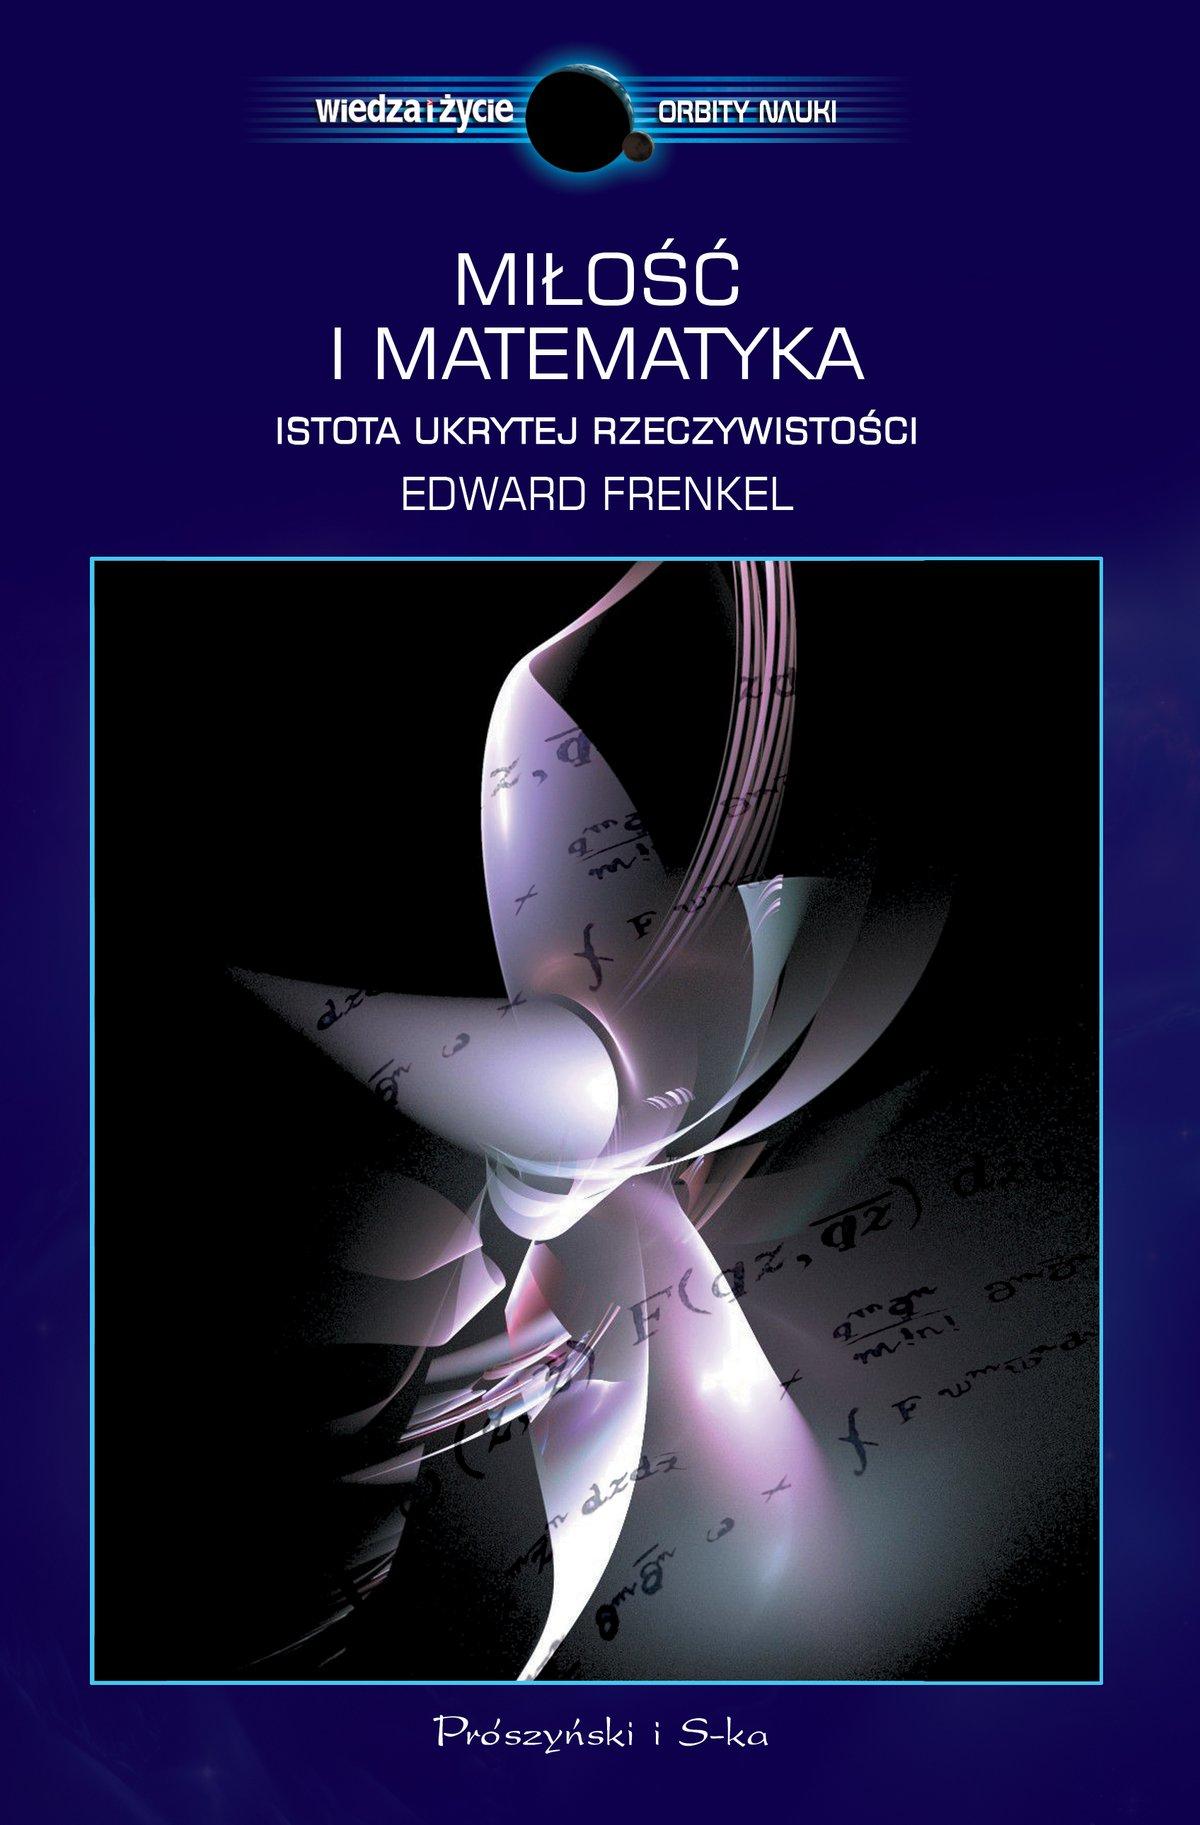 Miłość i matematyka - Ebook (Książka na Kindle) do pobrania w formacie MOBI